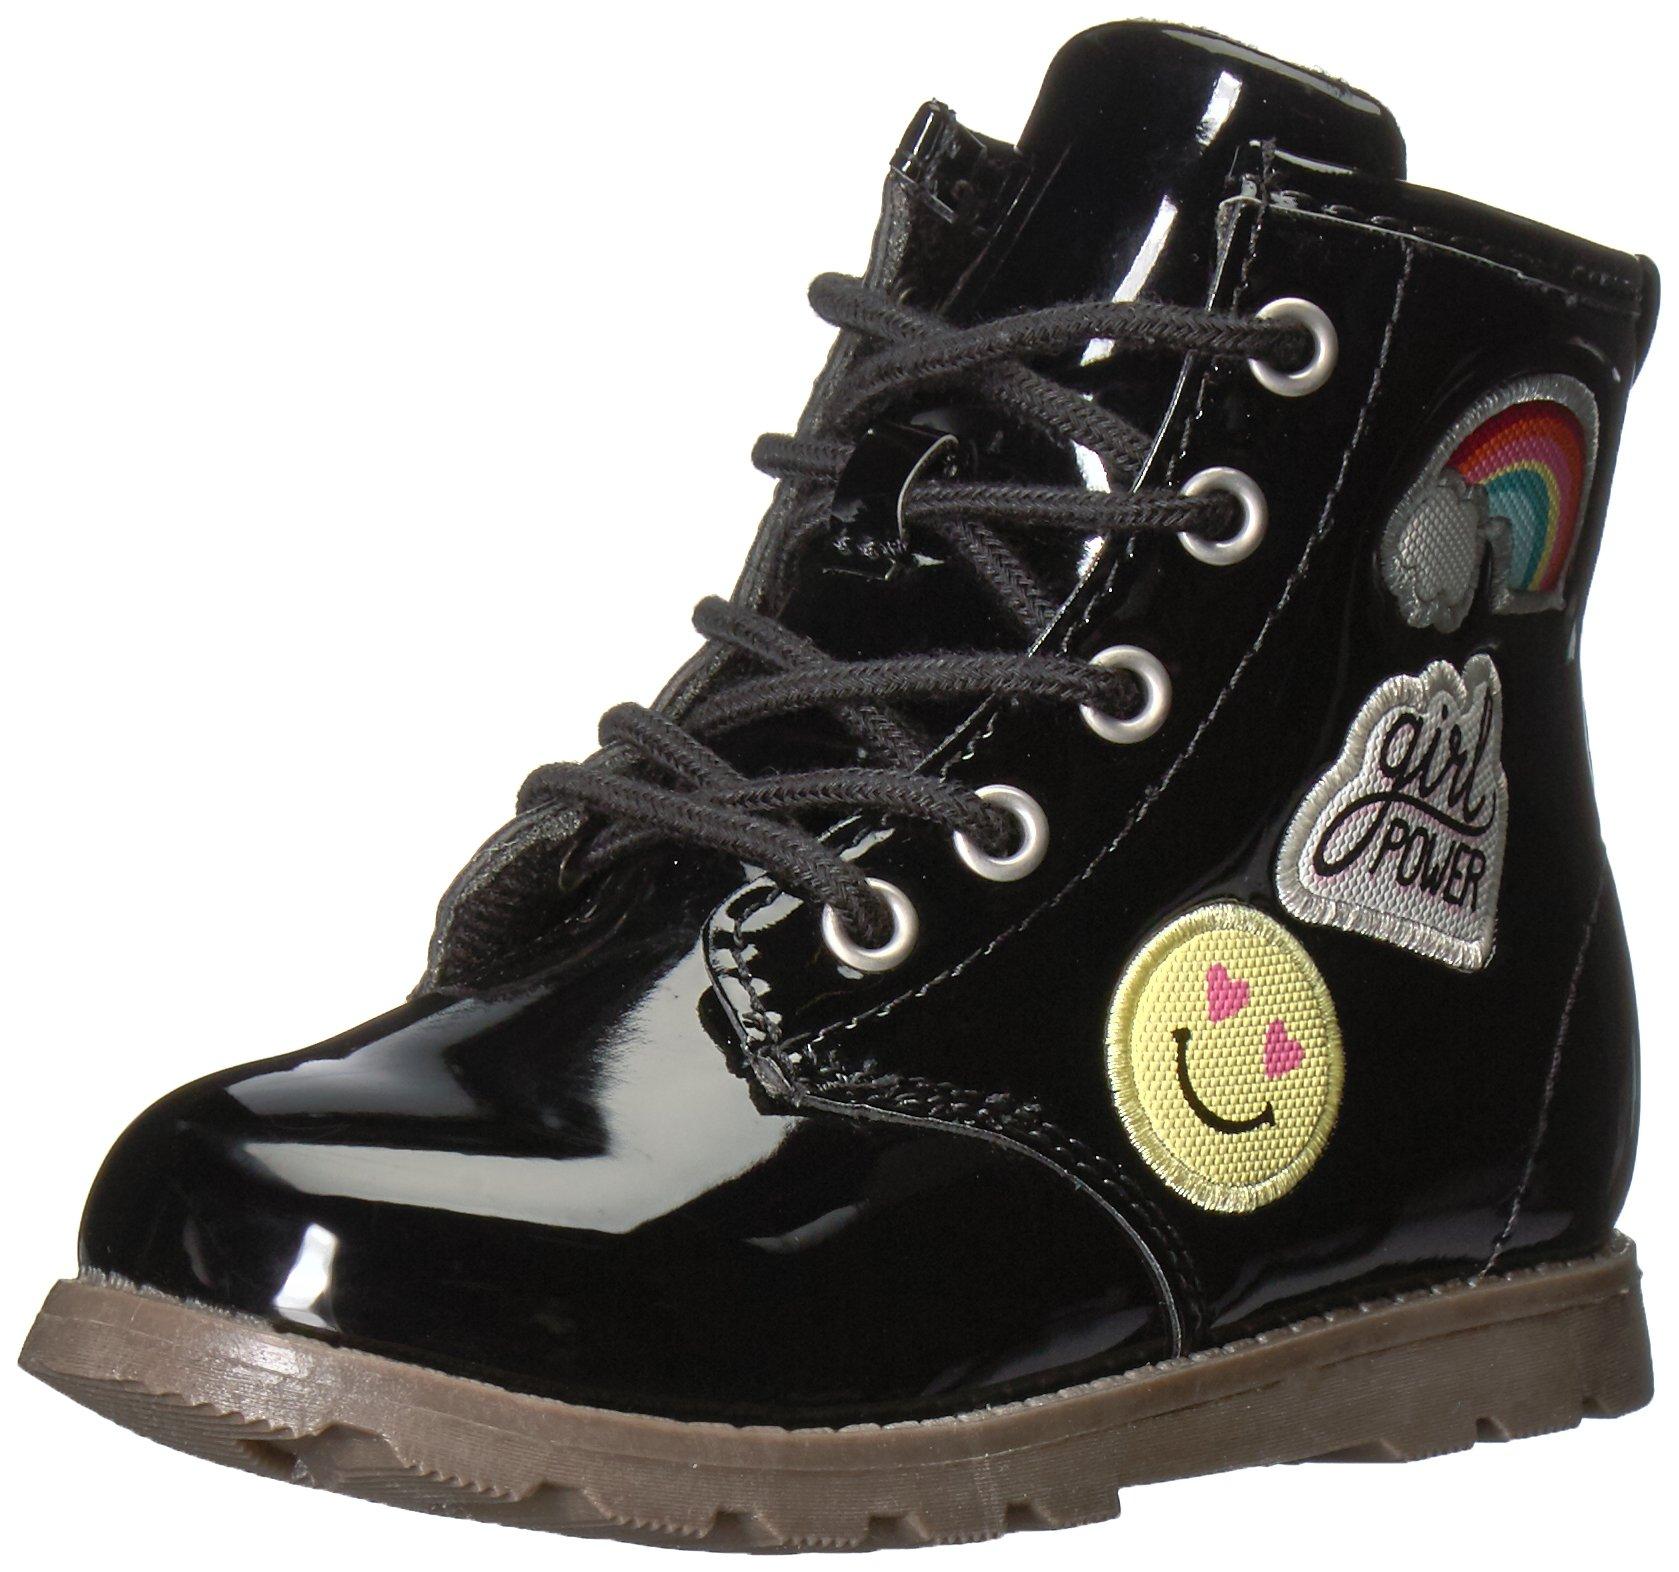 Carter's Girls' Aubrey Fashion Boot, Black, 12 M US Little Kid